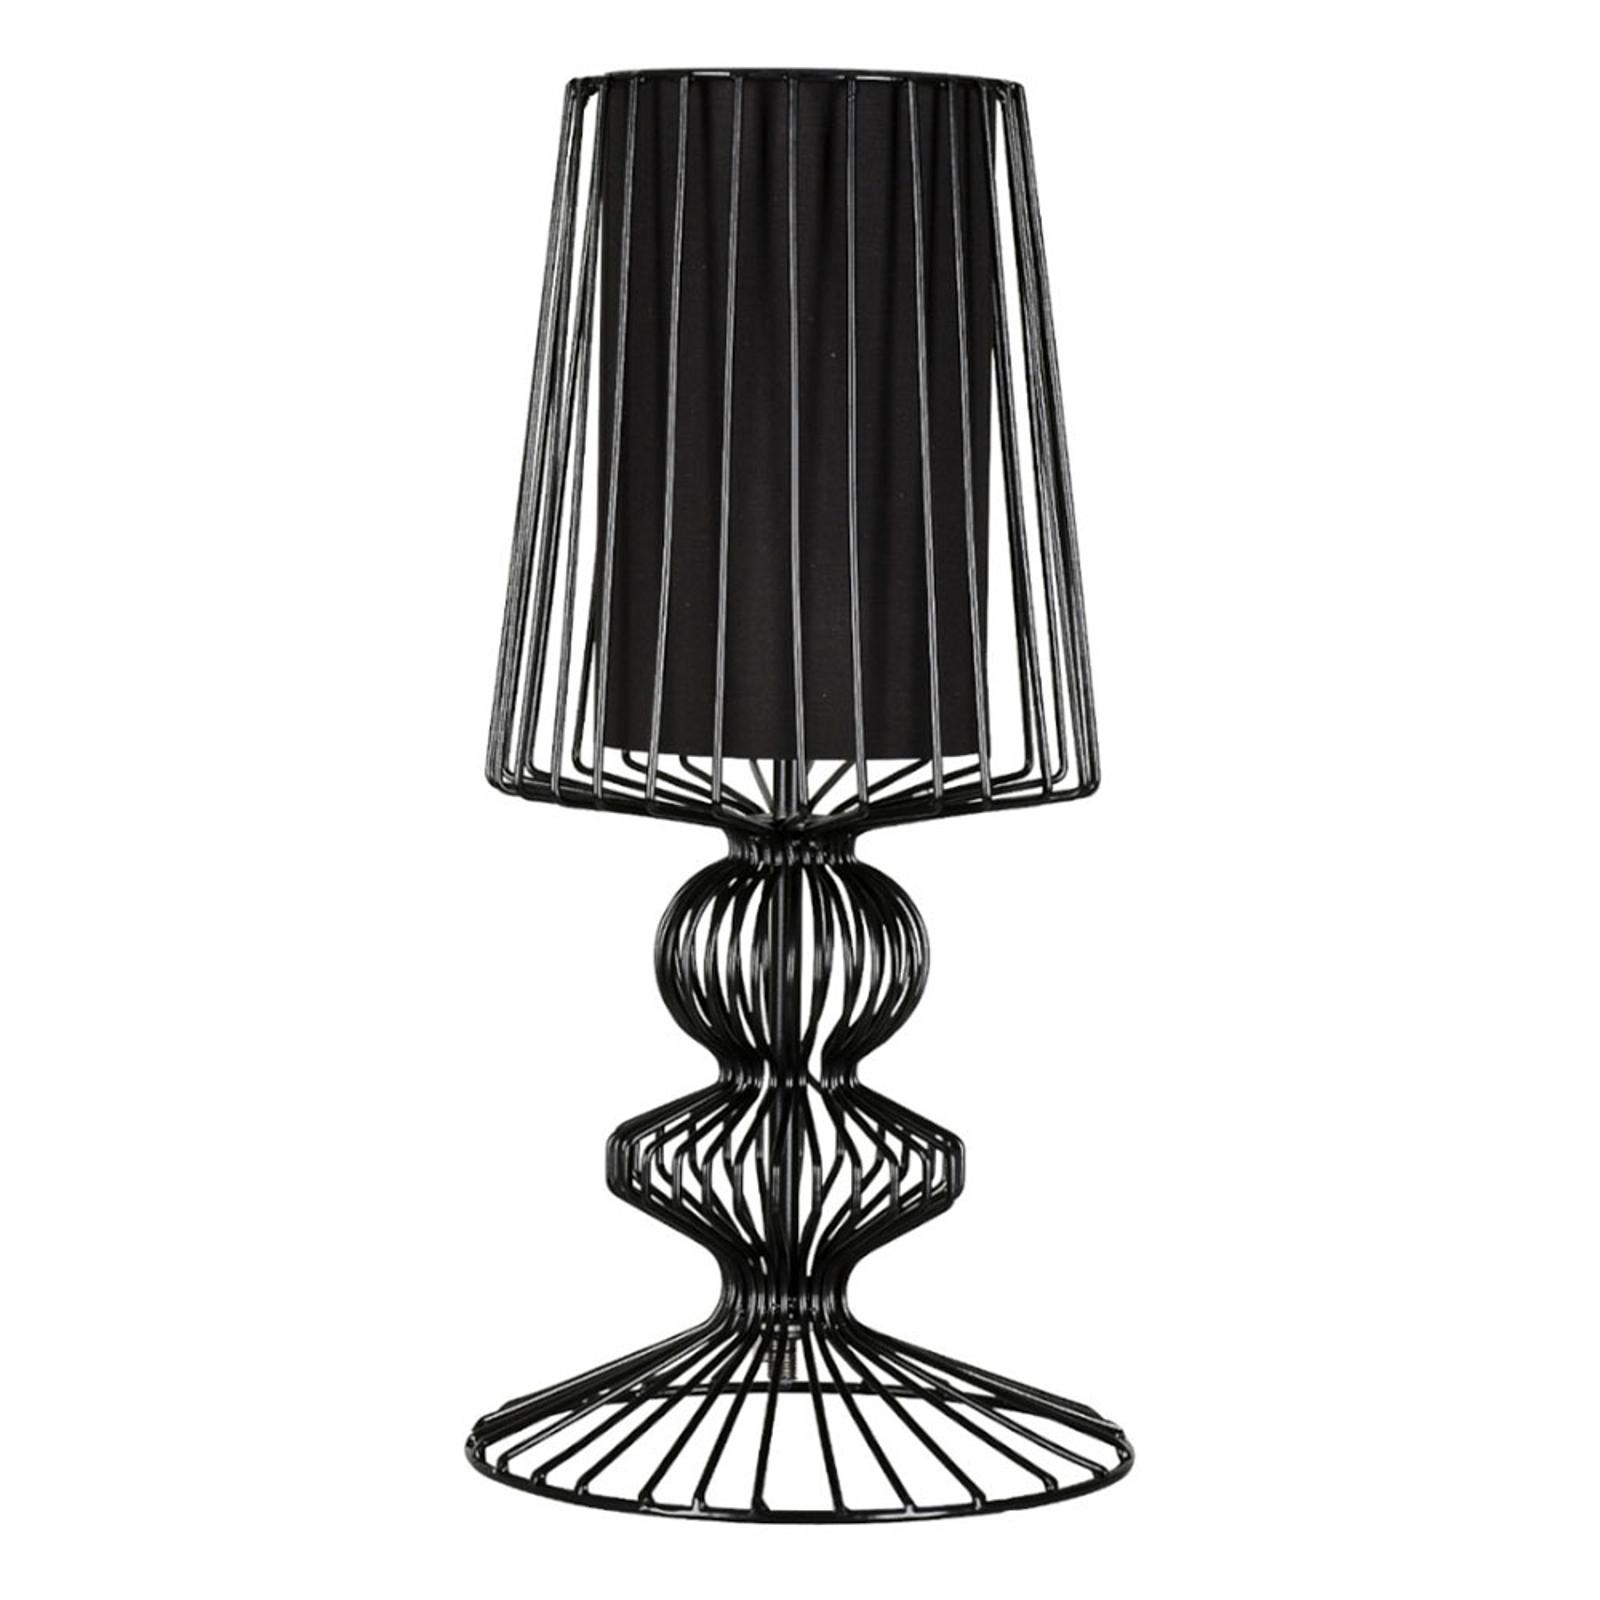 Tischlampe Aveiro S aus Metallstreben, schwarz